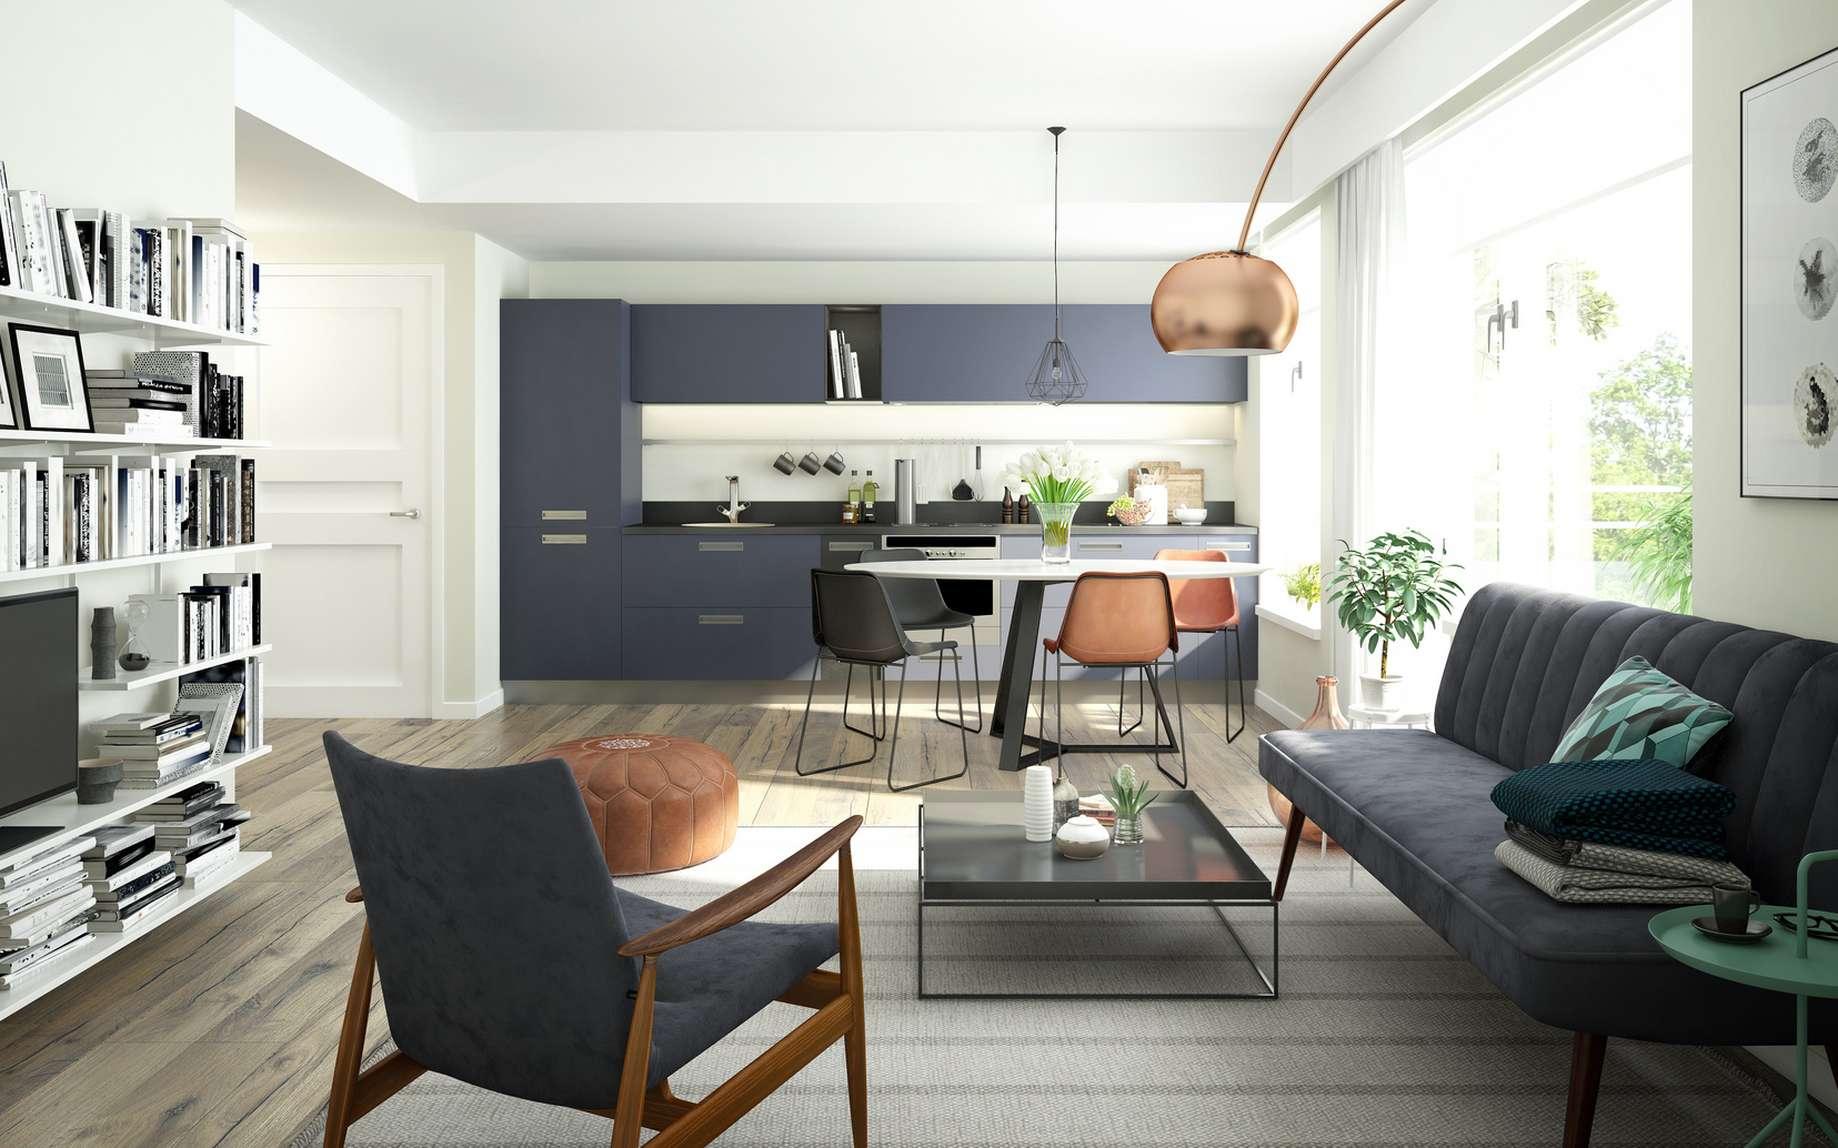 Promo La Redoute Linge De Maison.Bons Plans Maison Du Week End Cuisines Meubles Design Et